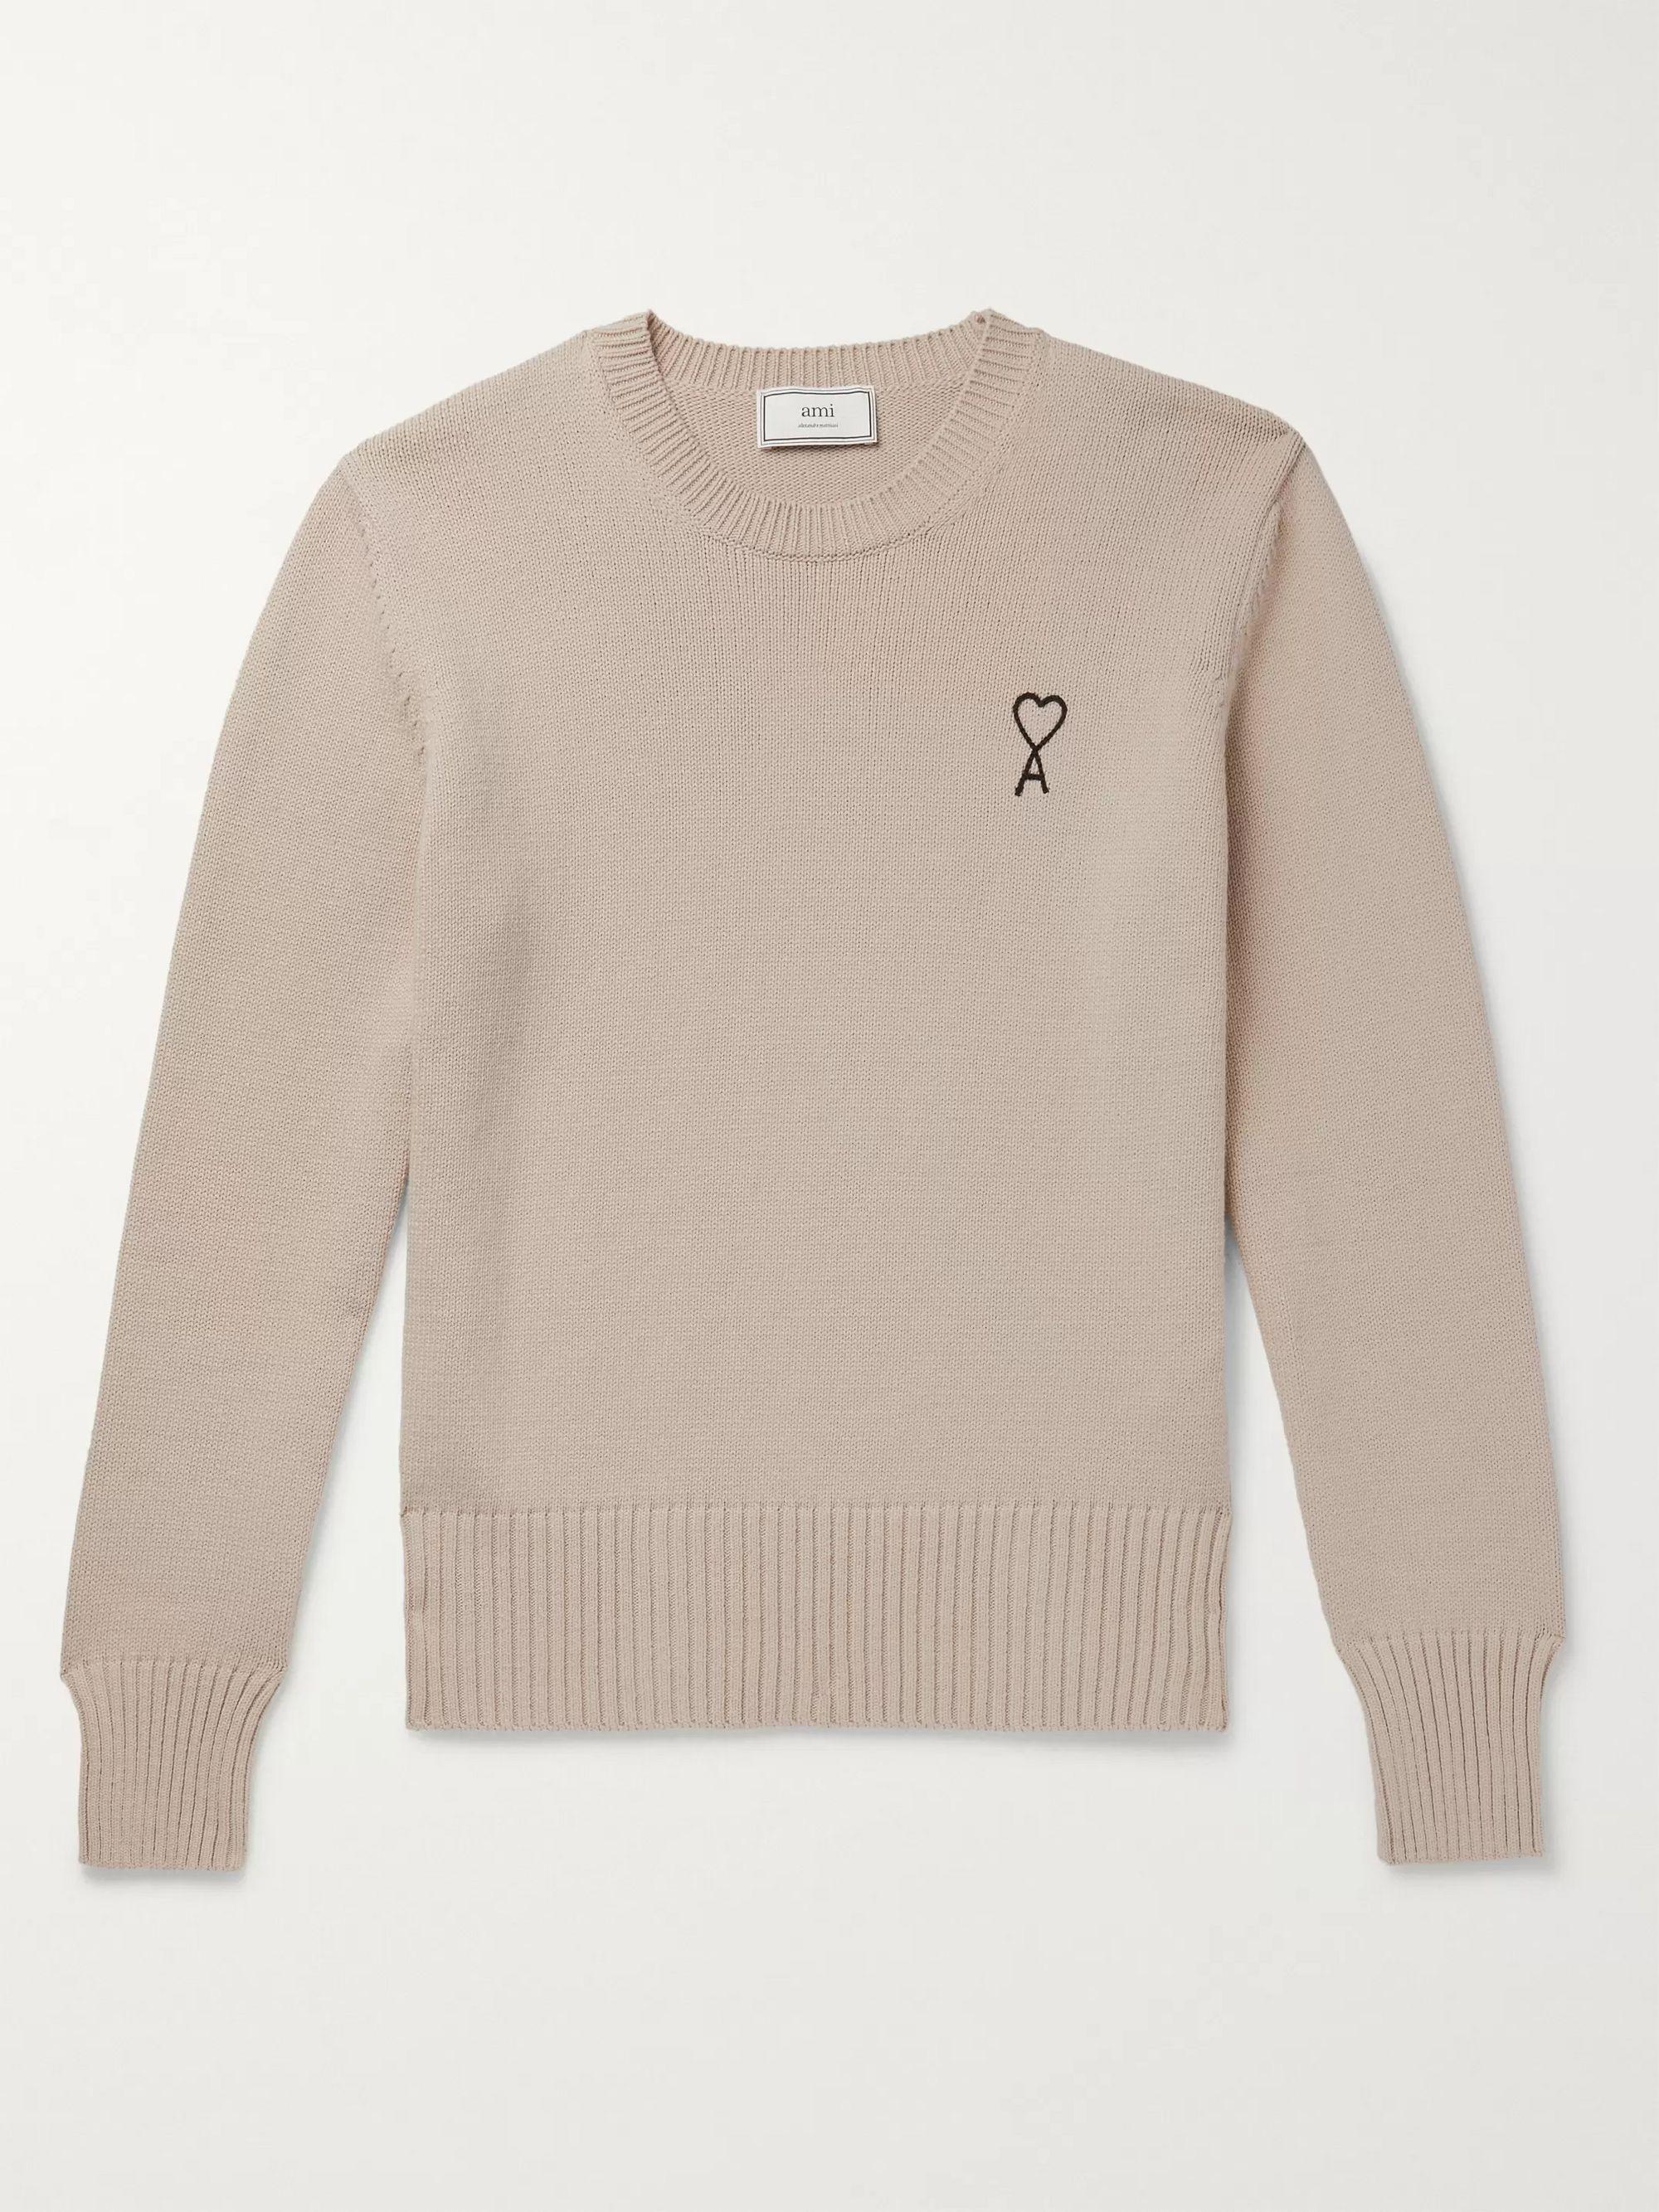 AMI Beige Logo-Embroidered Cotton-Blend Sweater,Beige